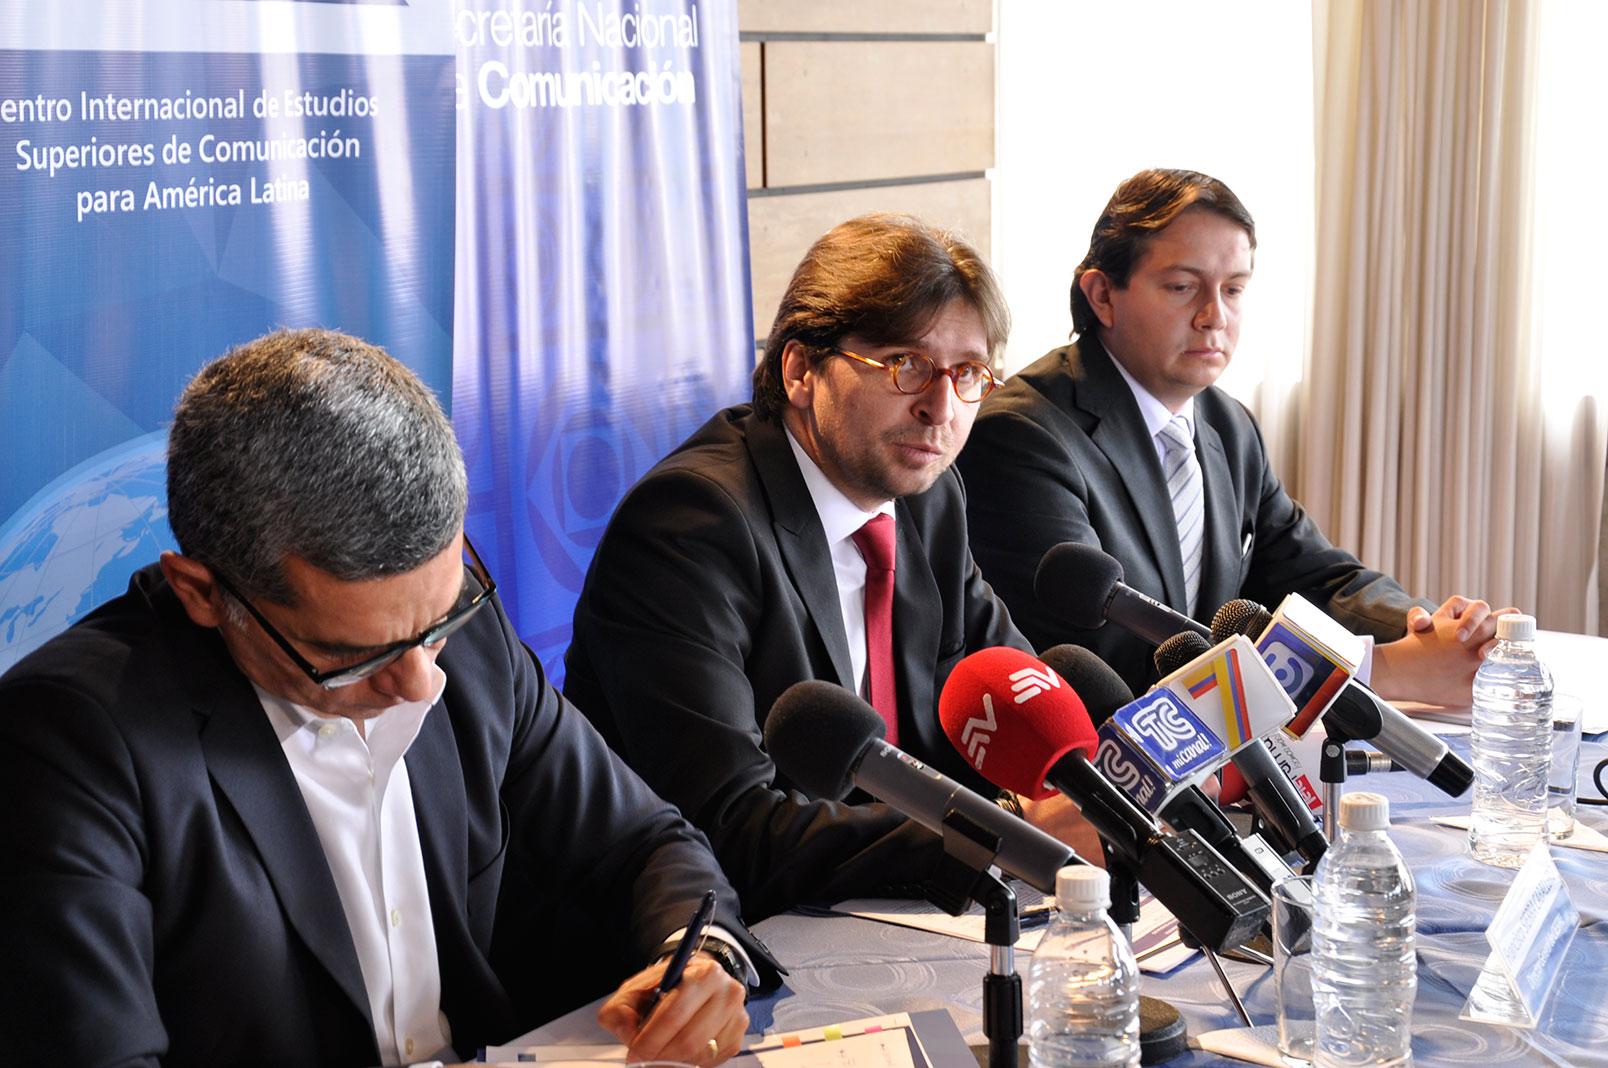 CIESPAL y SECOM firmaron convenio de cooperación interinstitucional